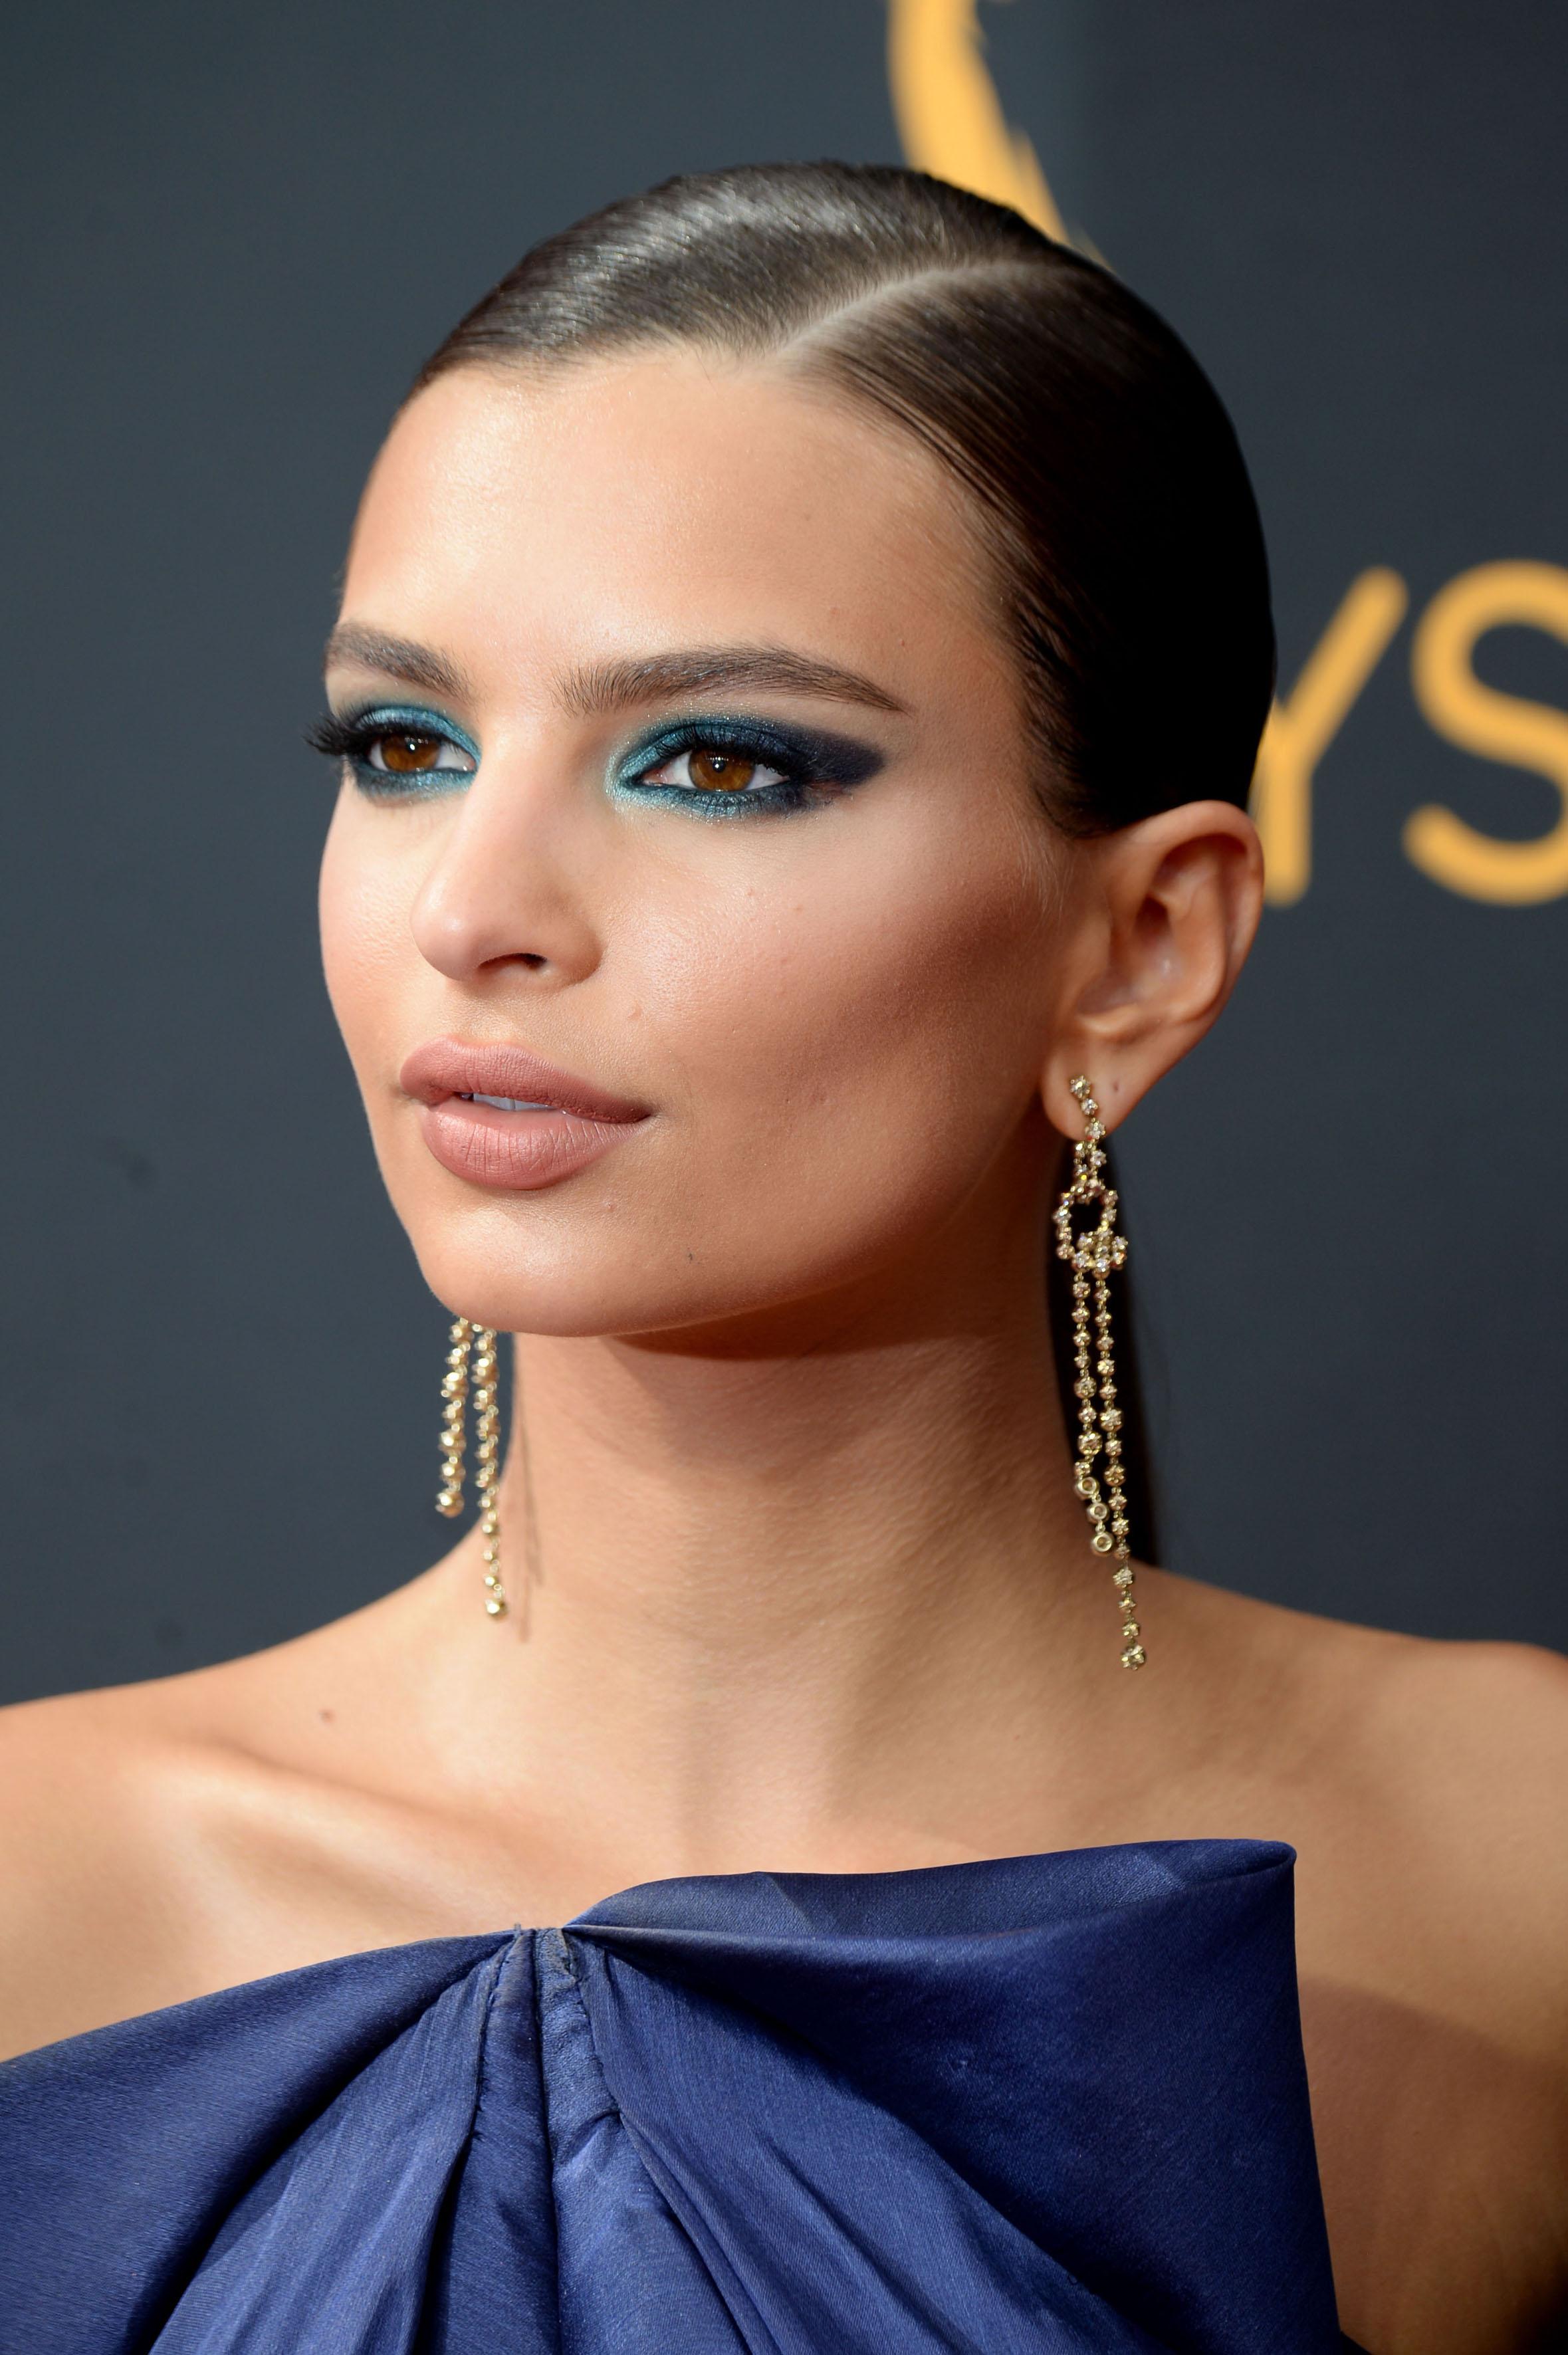 Синий макияж для шатенок